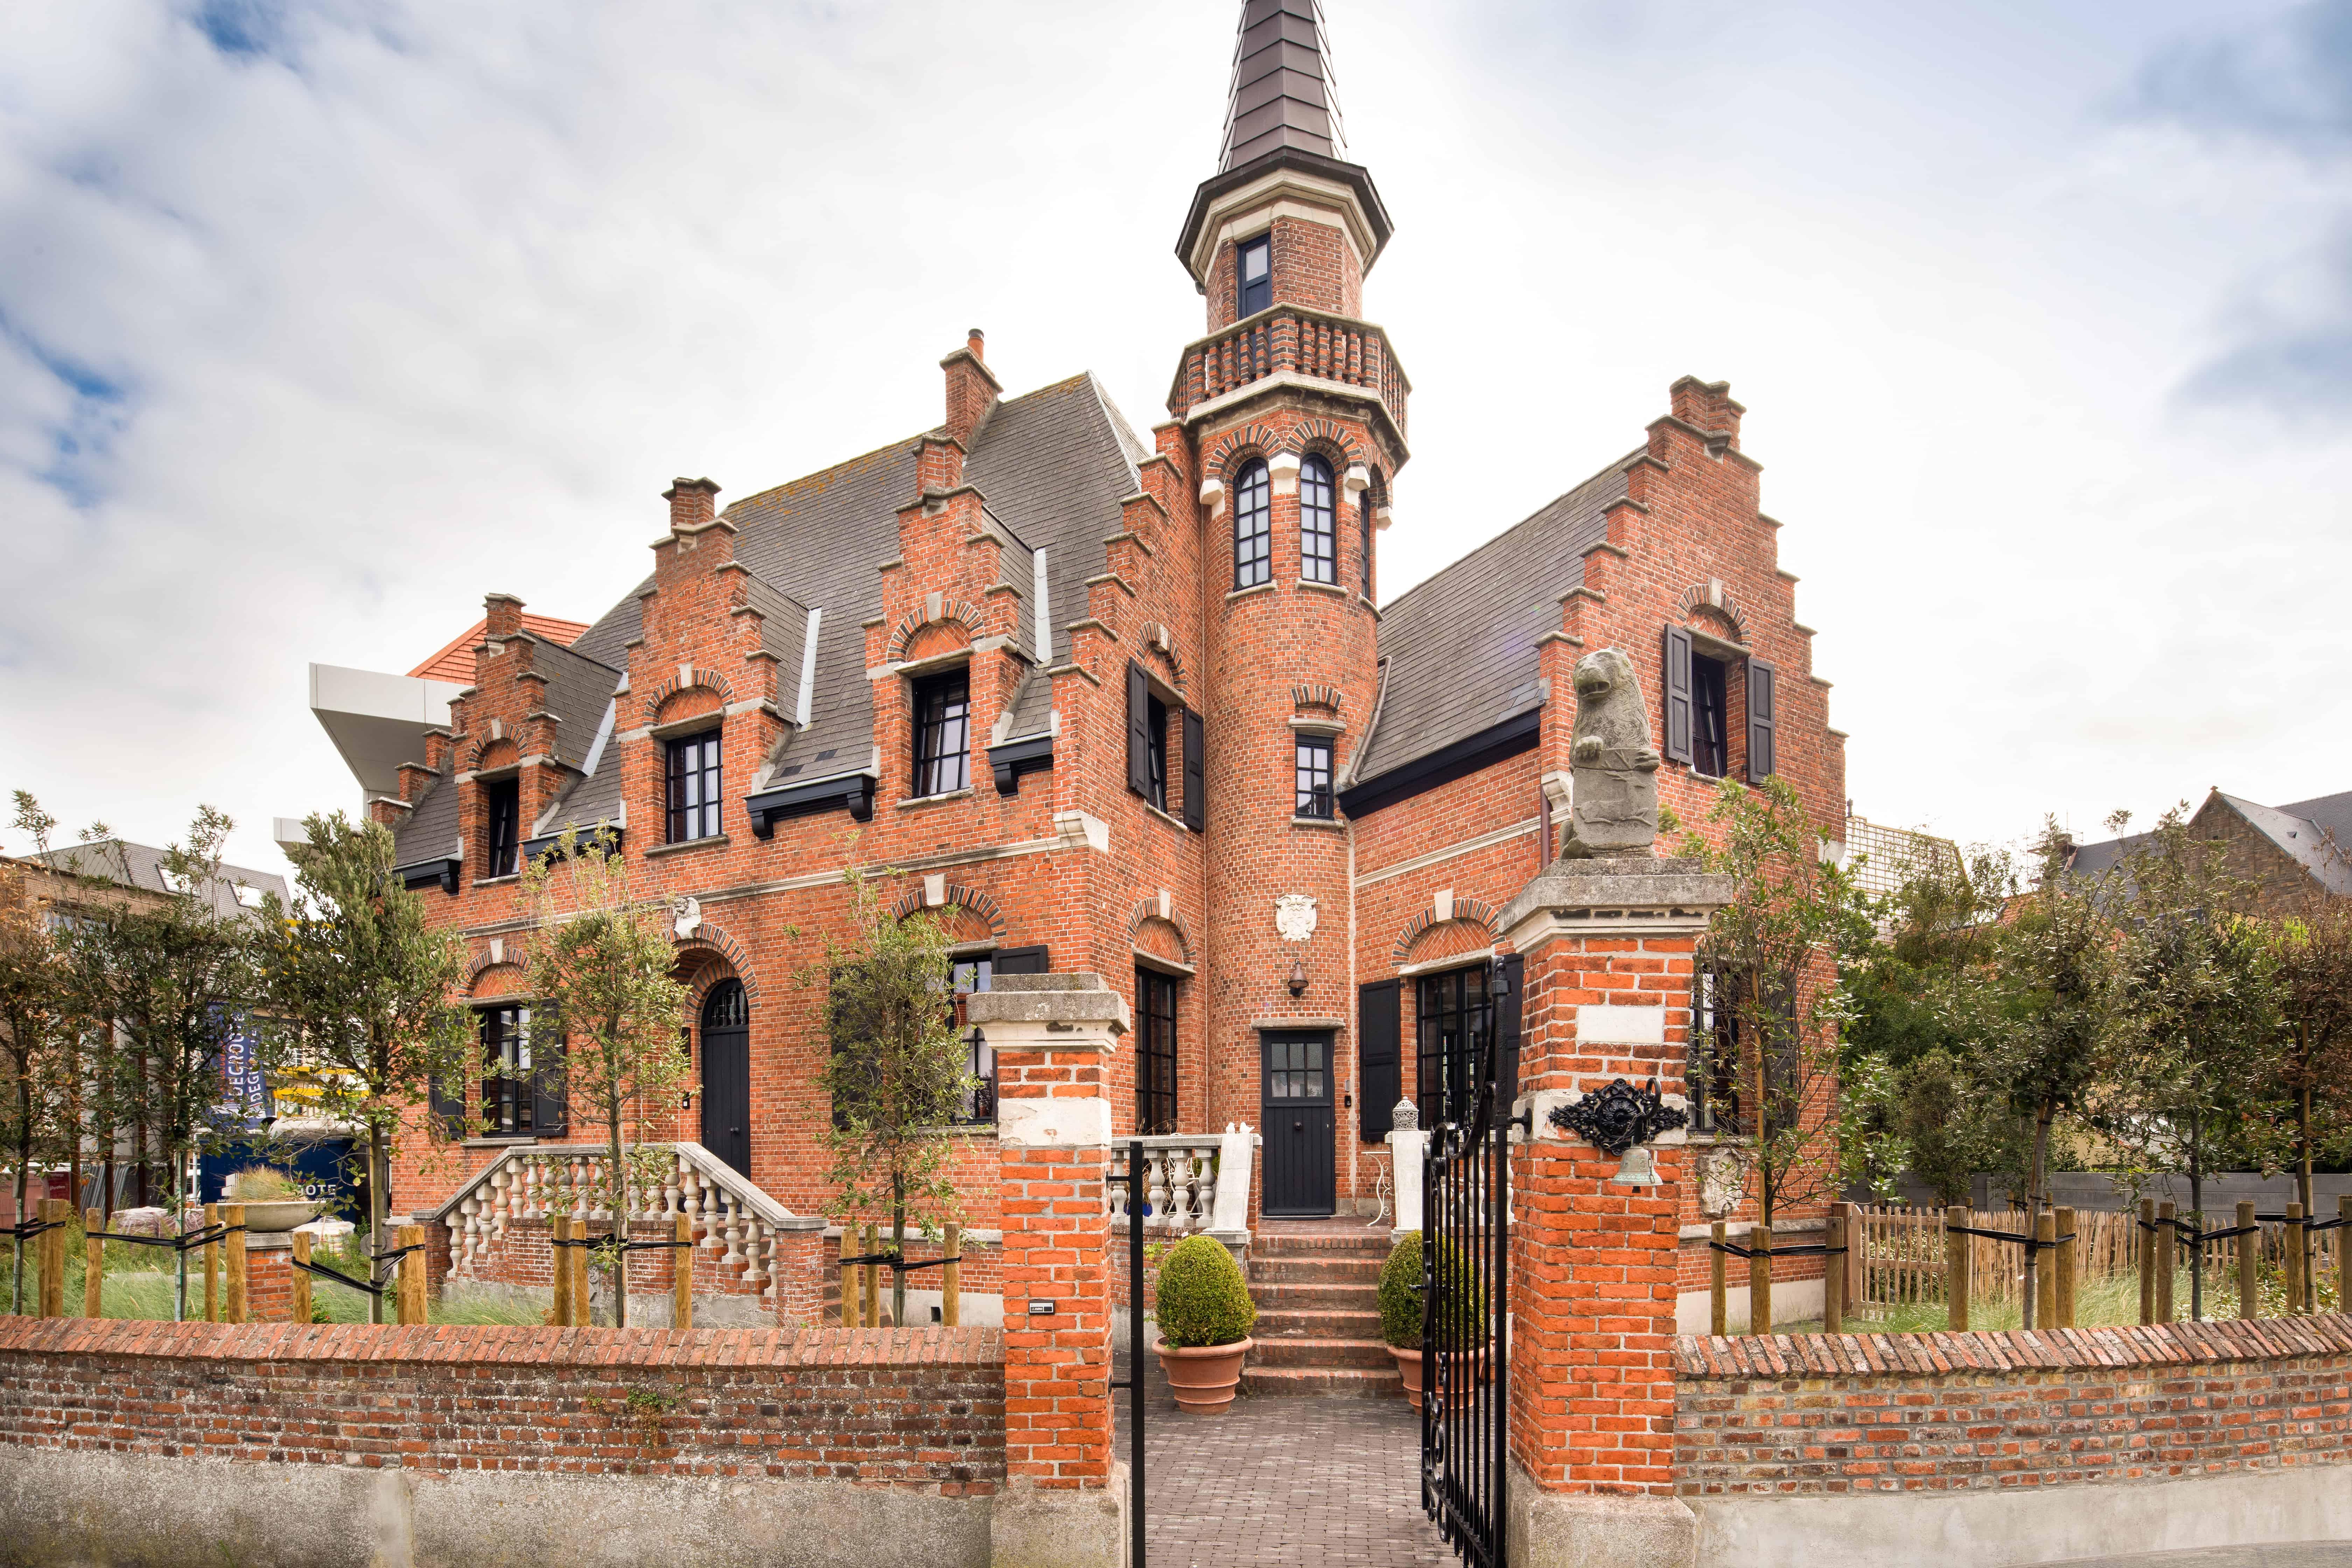 Boudolf tegels inkom - West-Vlaanderen - Gistel